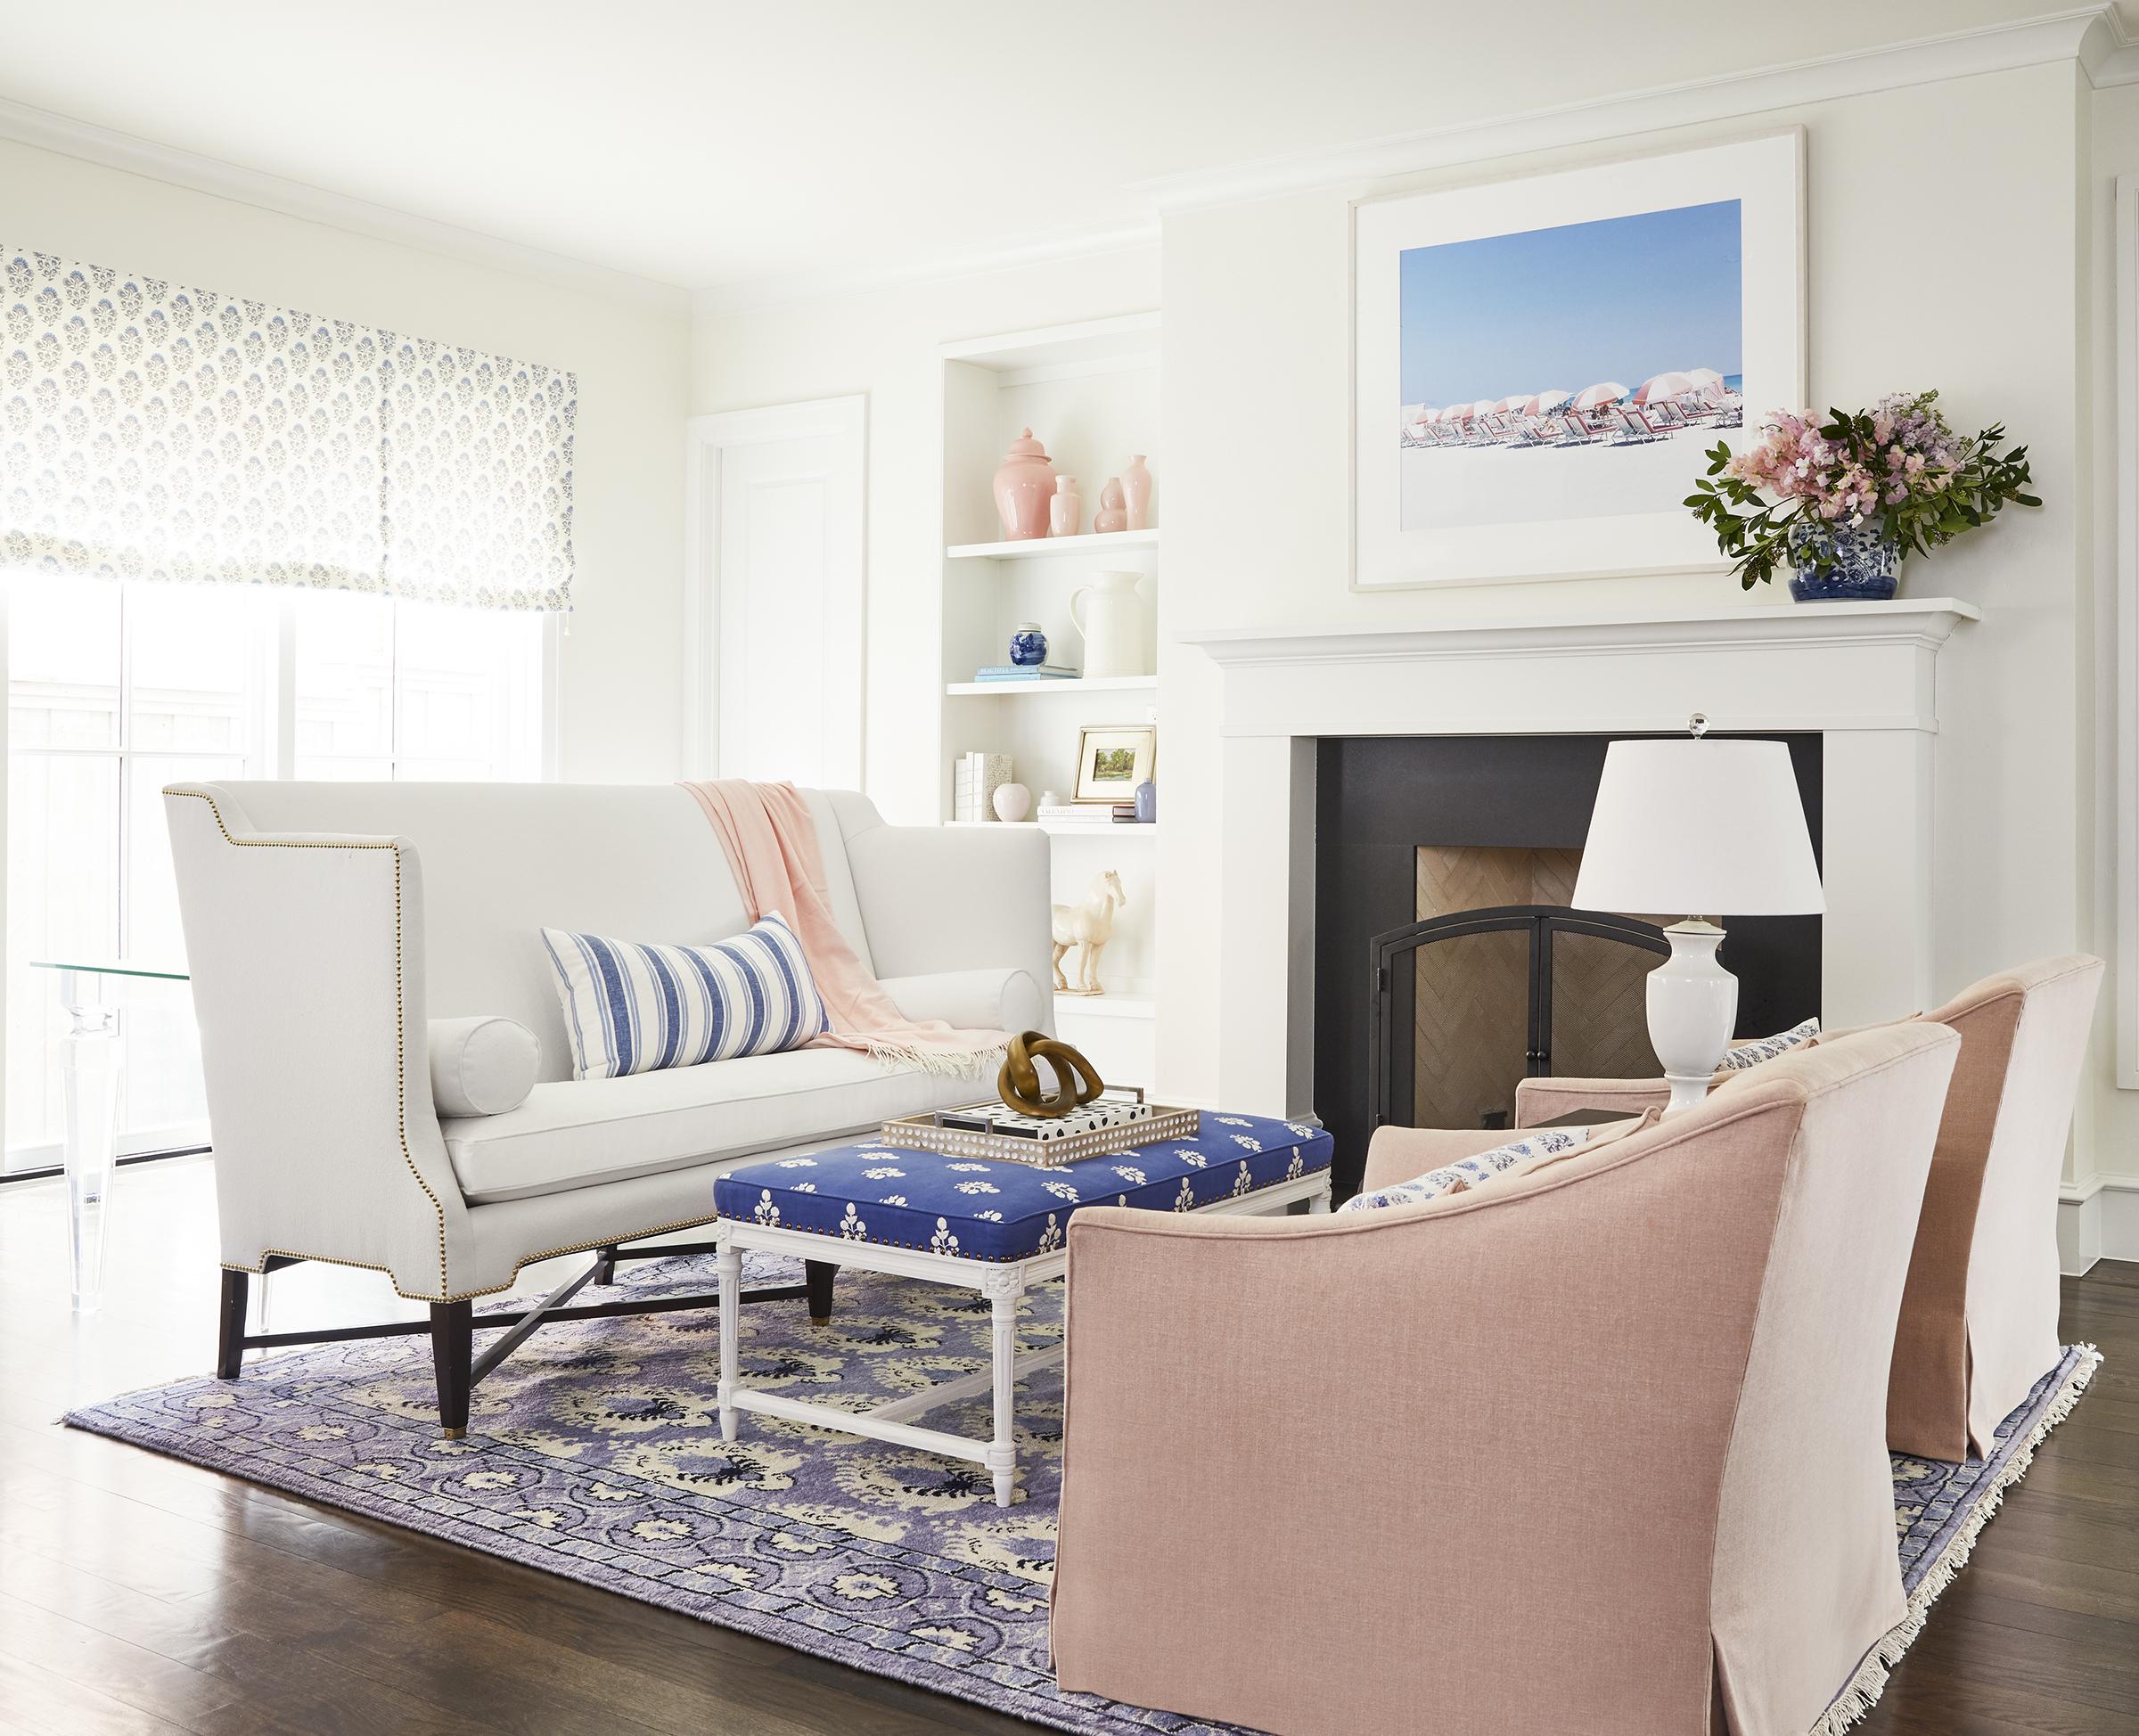 Beach Pretty House Style-Caitlin Wilson Designs 7.jpg